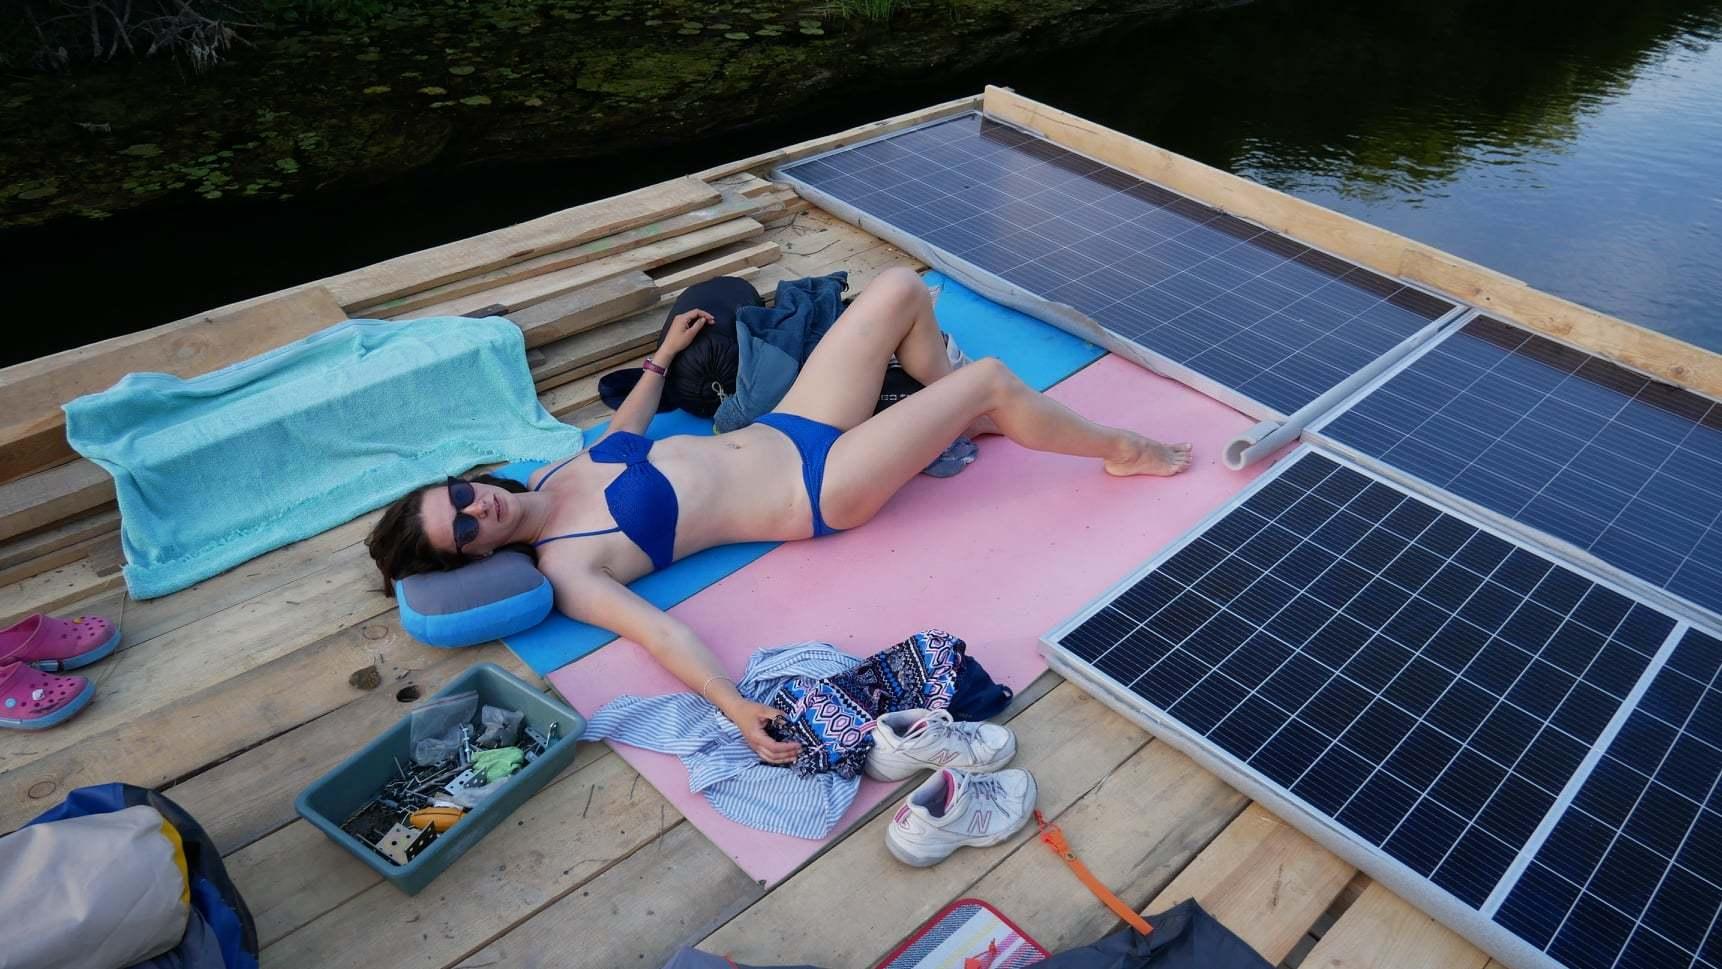 Сплав на двухпалубном плоту с солнечным приводом